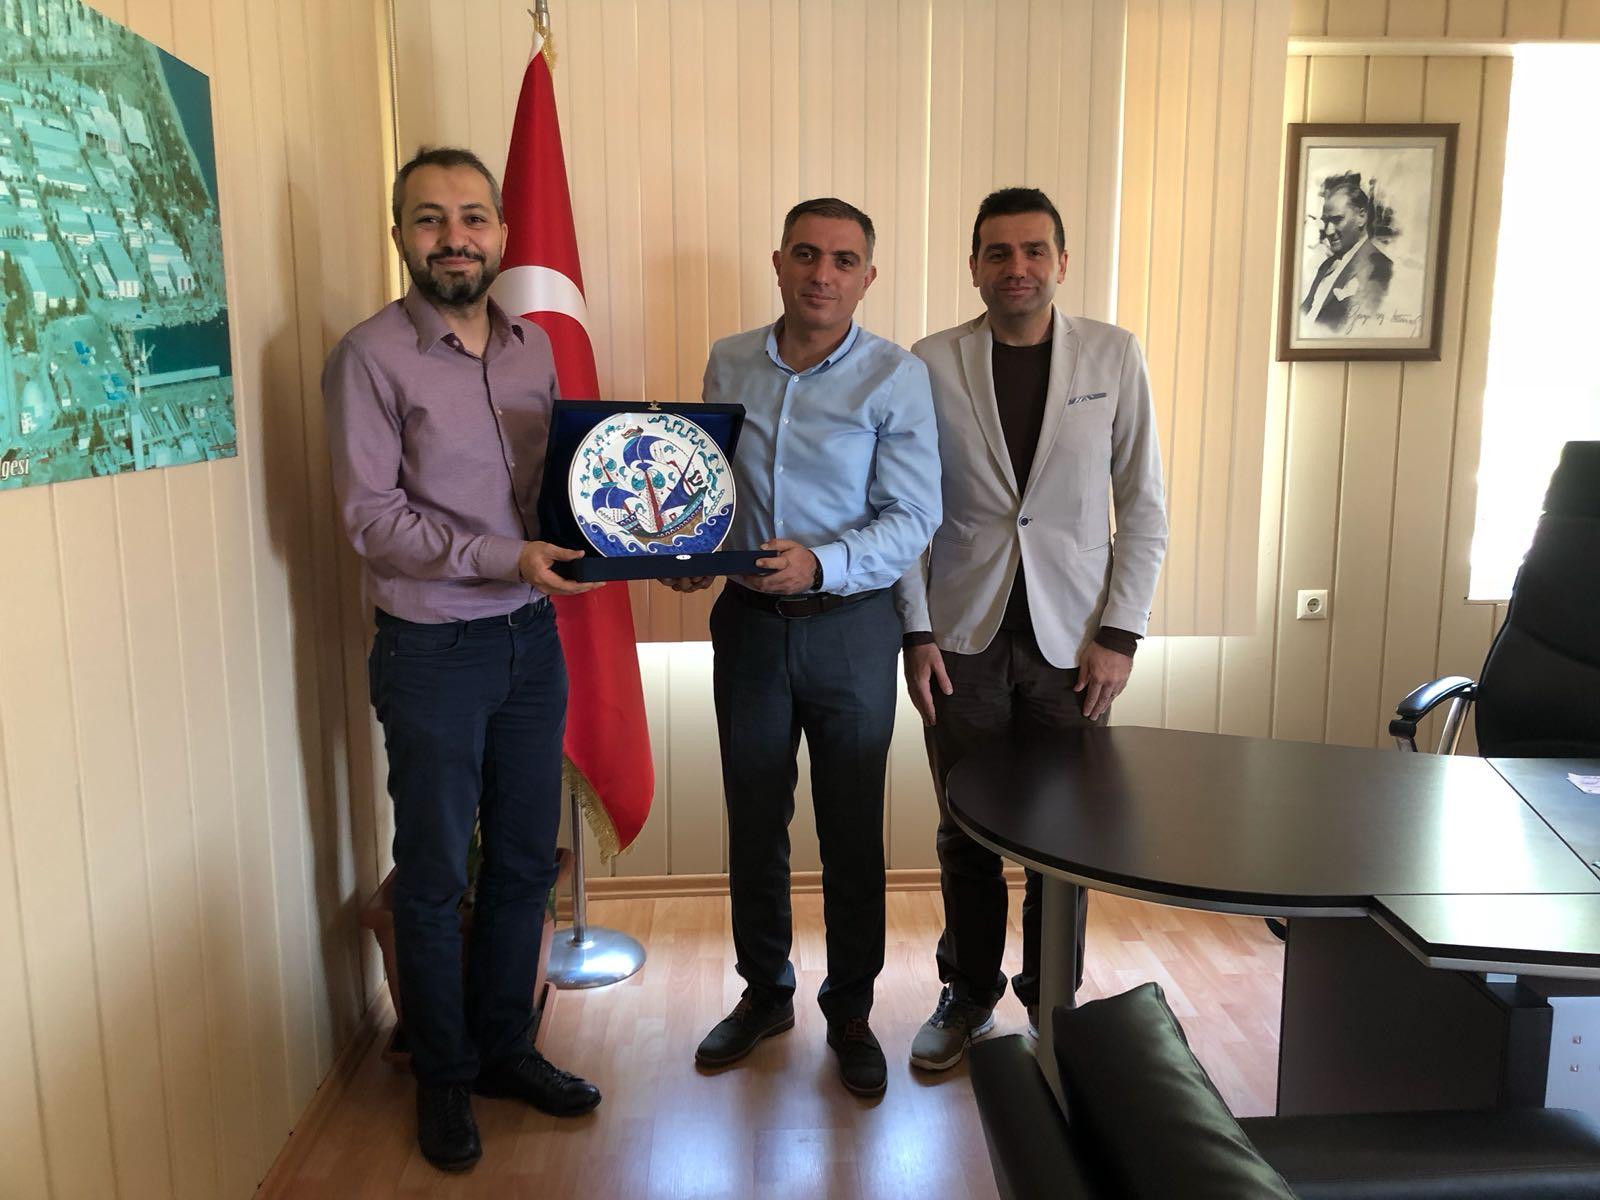 Antalya Serbest Bölge Müdürlüğü Ziyaretimiz Gerçekleşmiştir